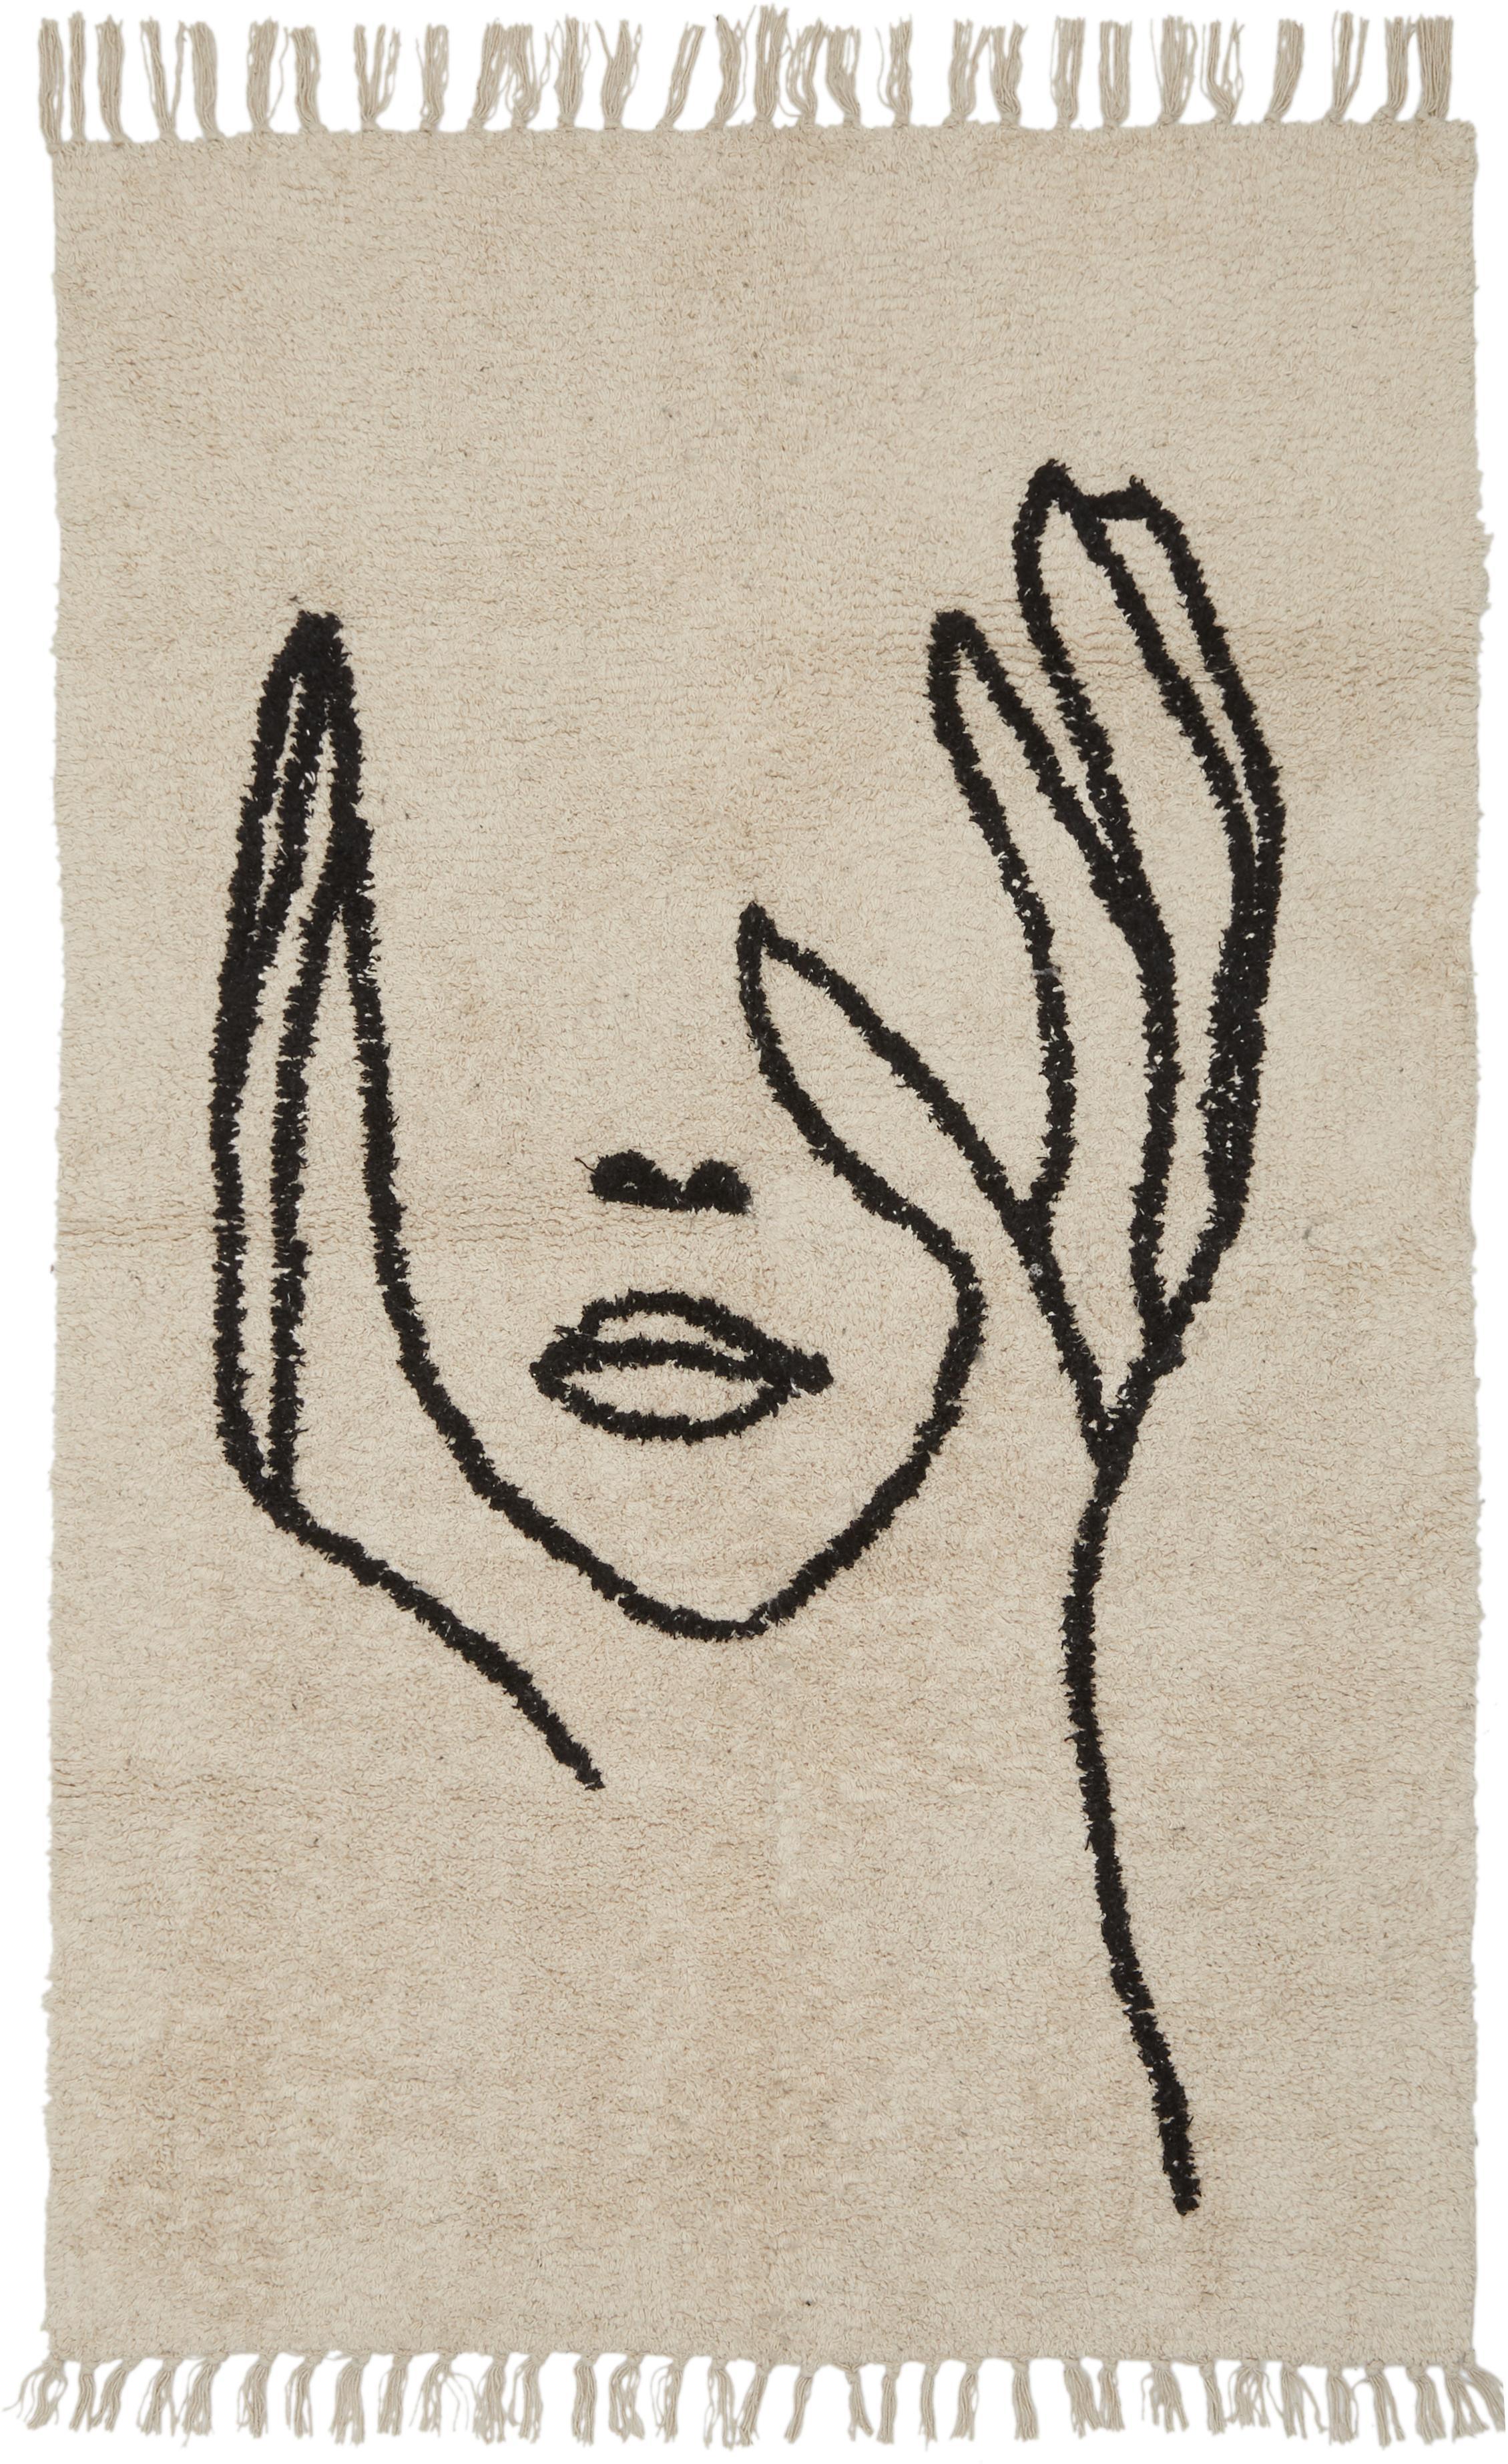 Tappeto con disegno astratto Face, Marrone chiaro, nero, Larg. 100 x Lung. 150 cm (taglia XS)